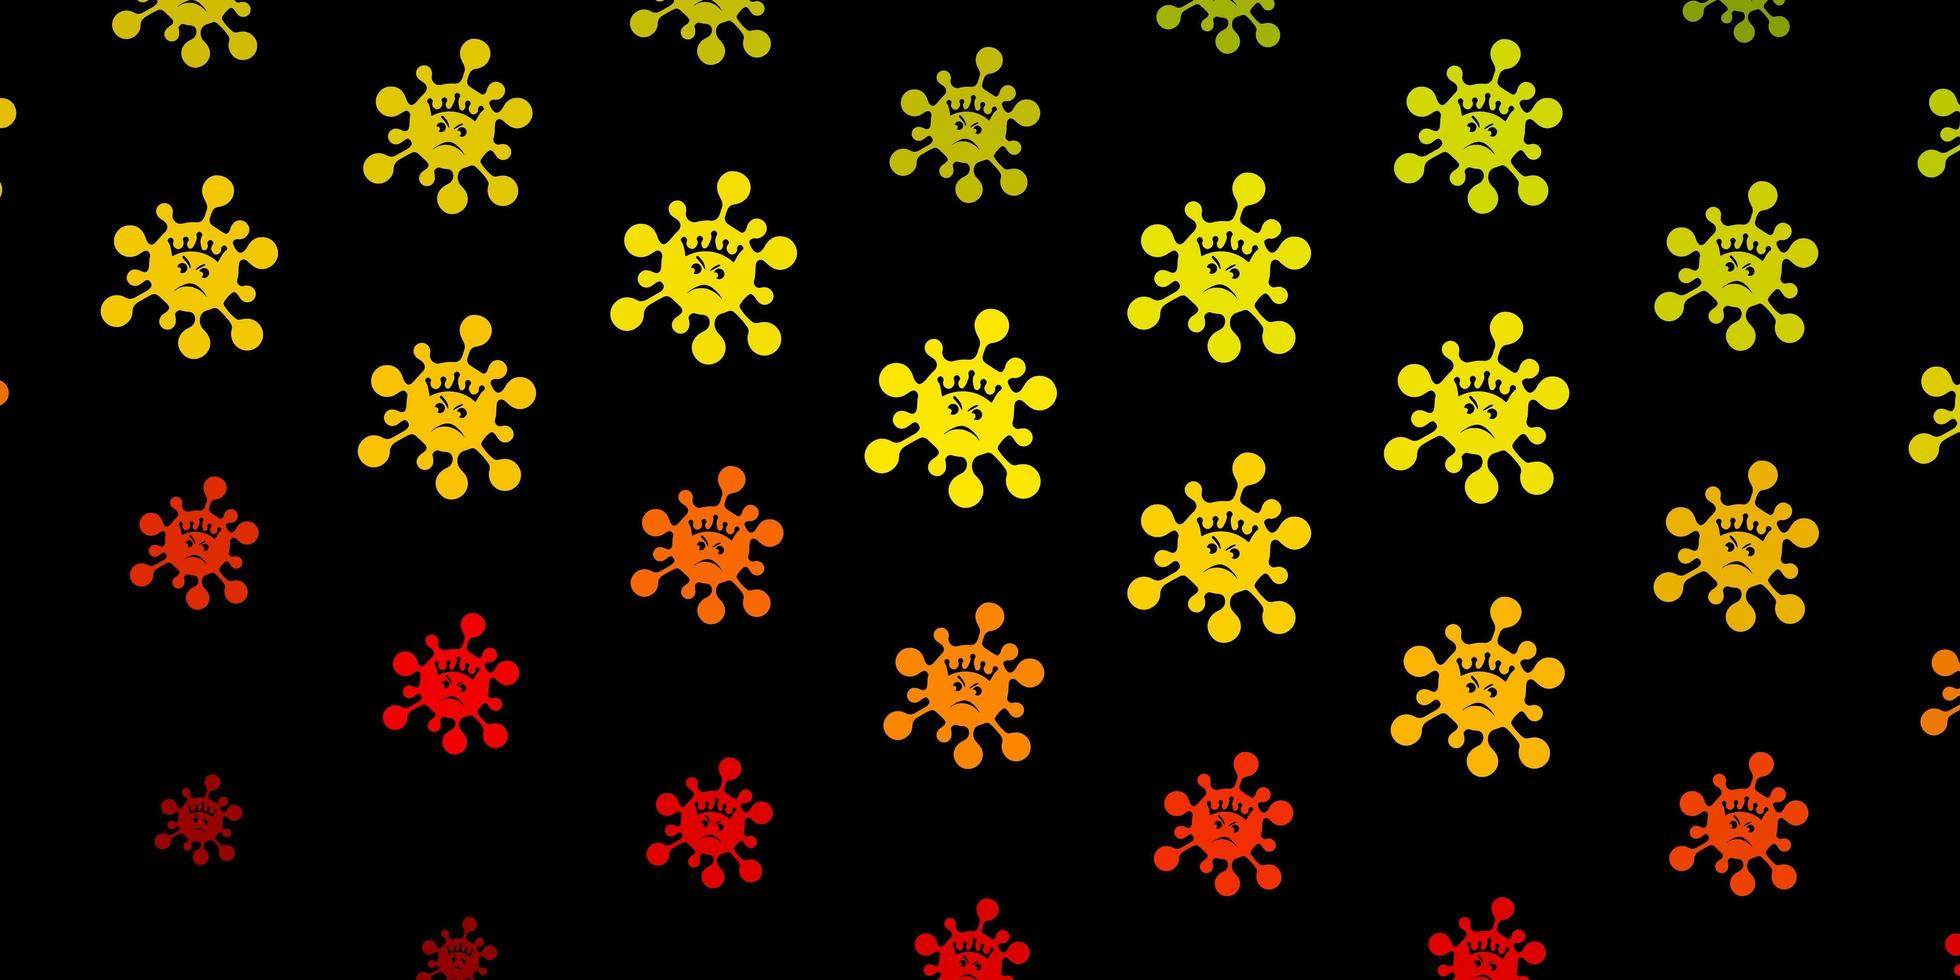 donkergroene, rode vectorachtergrond met virussymbolen. vector